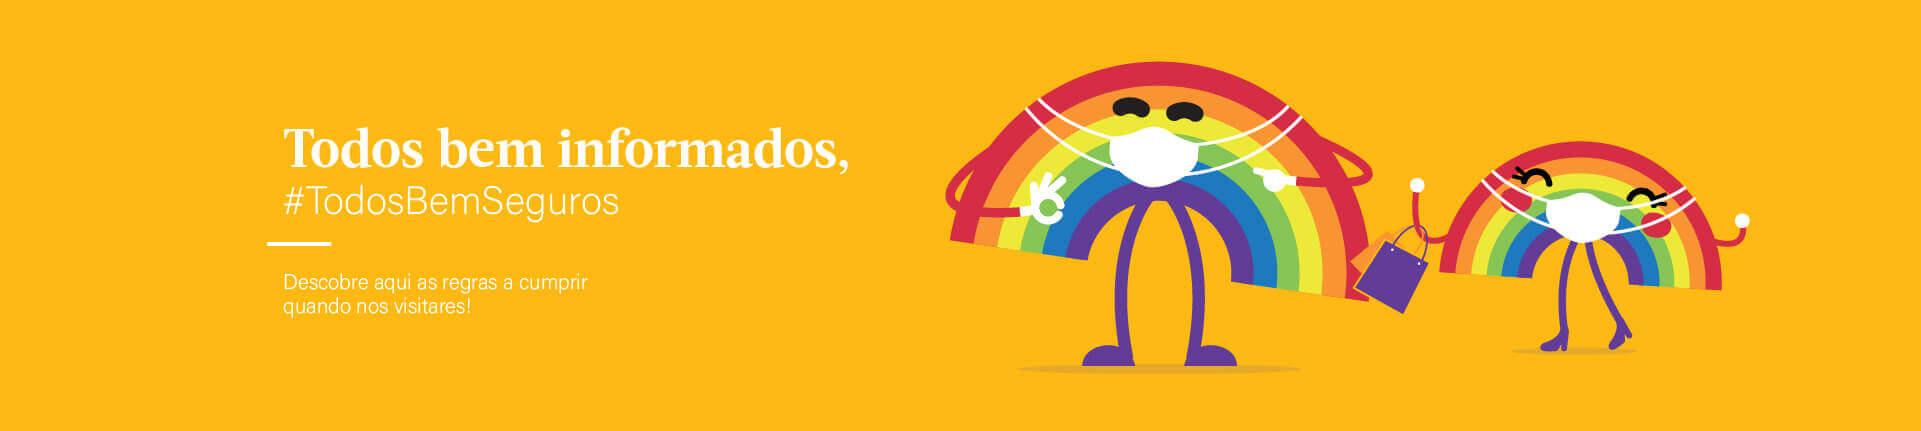 #TodosBemSeguros | Medidas Covid-19